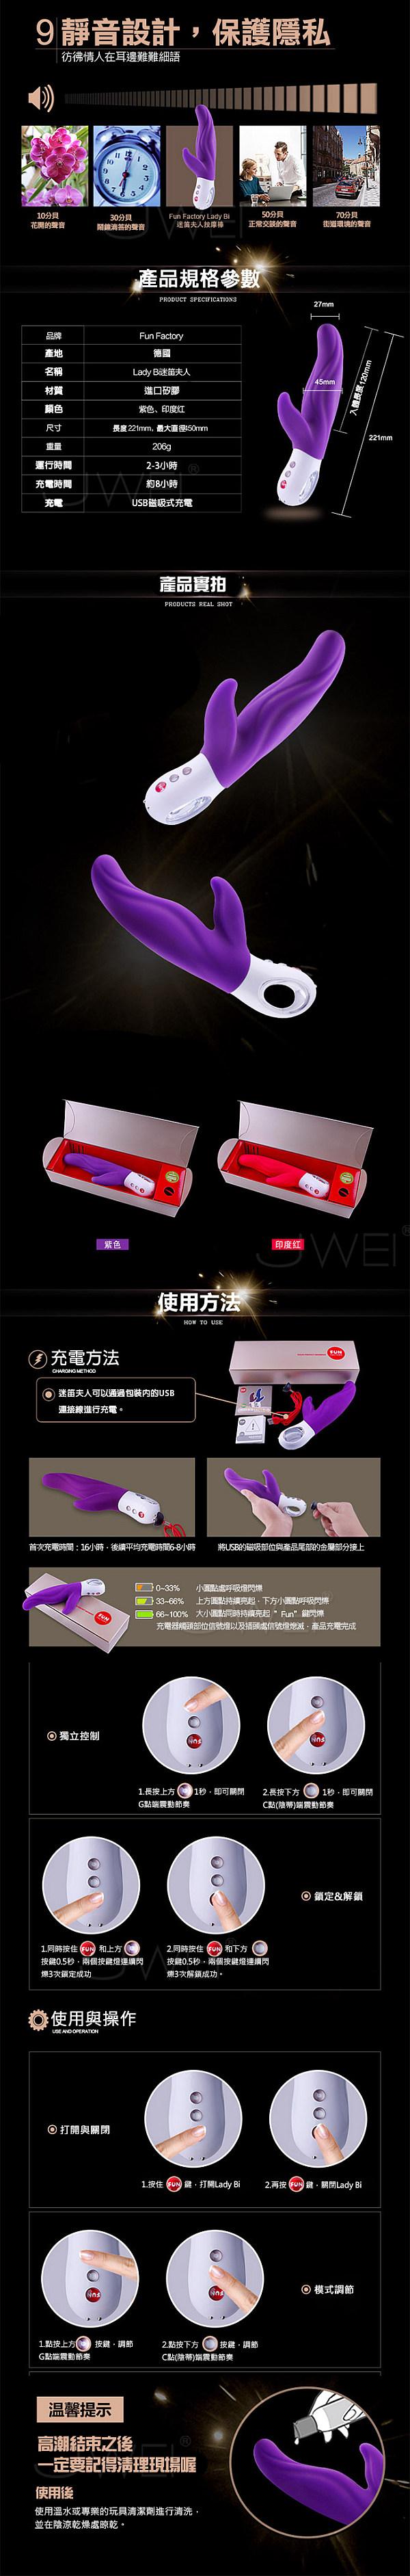 附圖6-德國FUN FACTORY.Lady Bi 碧玉夫人-充電式雙重時尚奢華按摩棒(紫色)